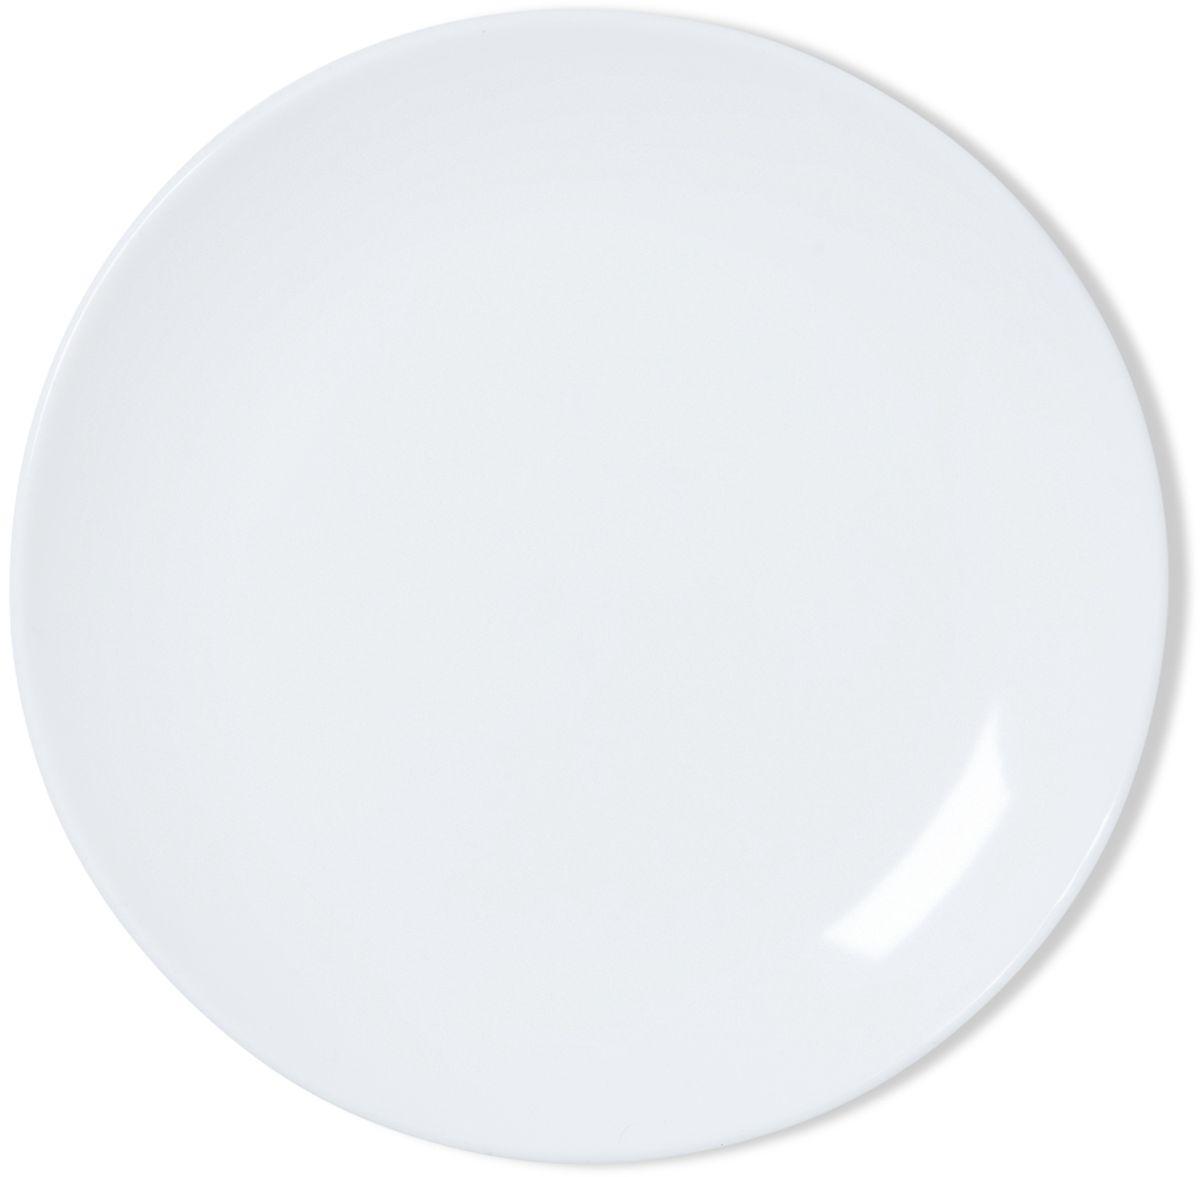 Тарелка десертная Dosh l Home Adara, 21 см400205Элегантная тарелка Dosh l Home Adara для стильной сервировки блюд и закусок. Изготовлена из высококачественного силикона белоснежного цвета. Силикон не впитывает запах и вкус продуктов, устойчив к царапинам. Подходит для микроволновой печи, холодильника. Можно мыть в посудомоечной машине. Мыть обычными моющими средствами, не использовать агрессивные вещества, металлические мочалки, острые предметы.